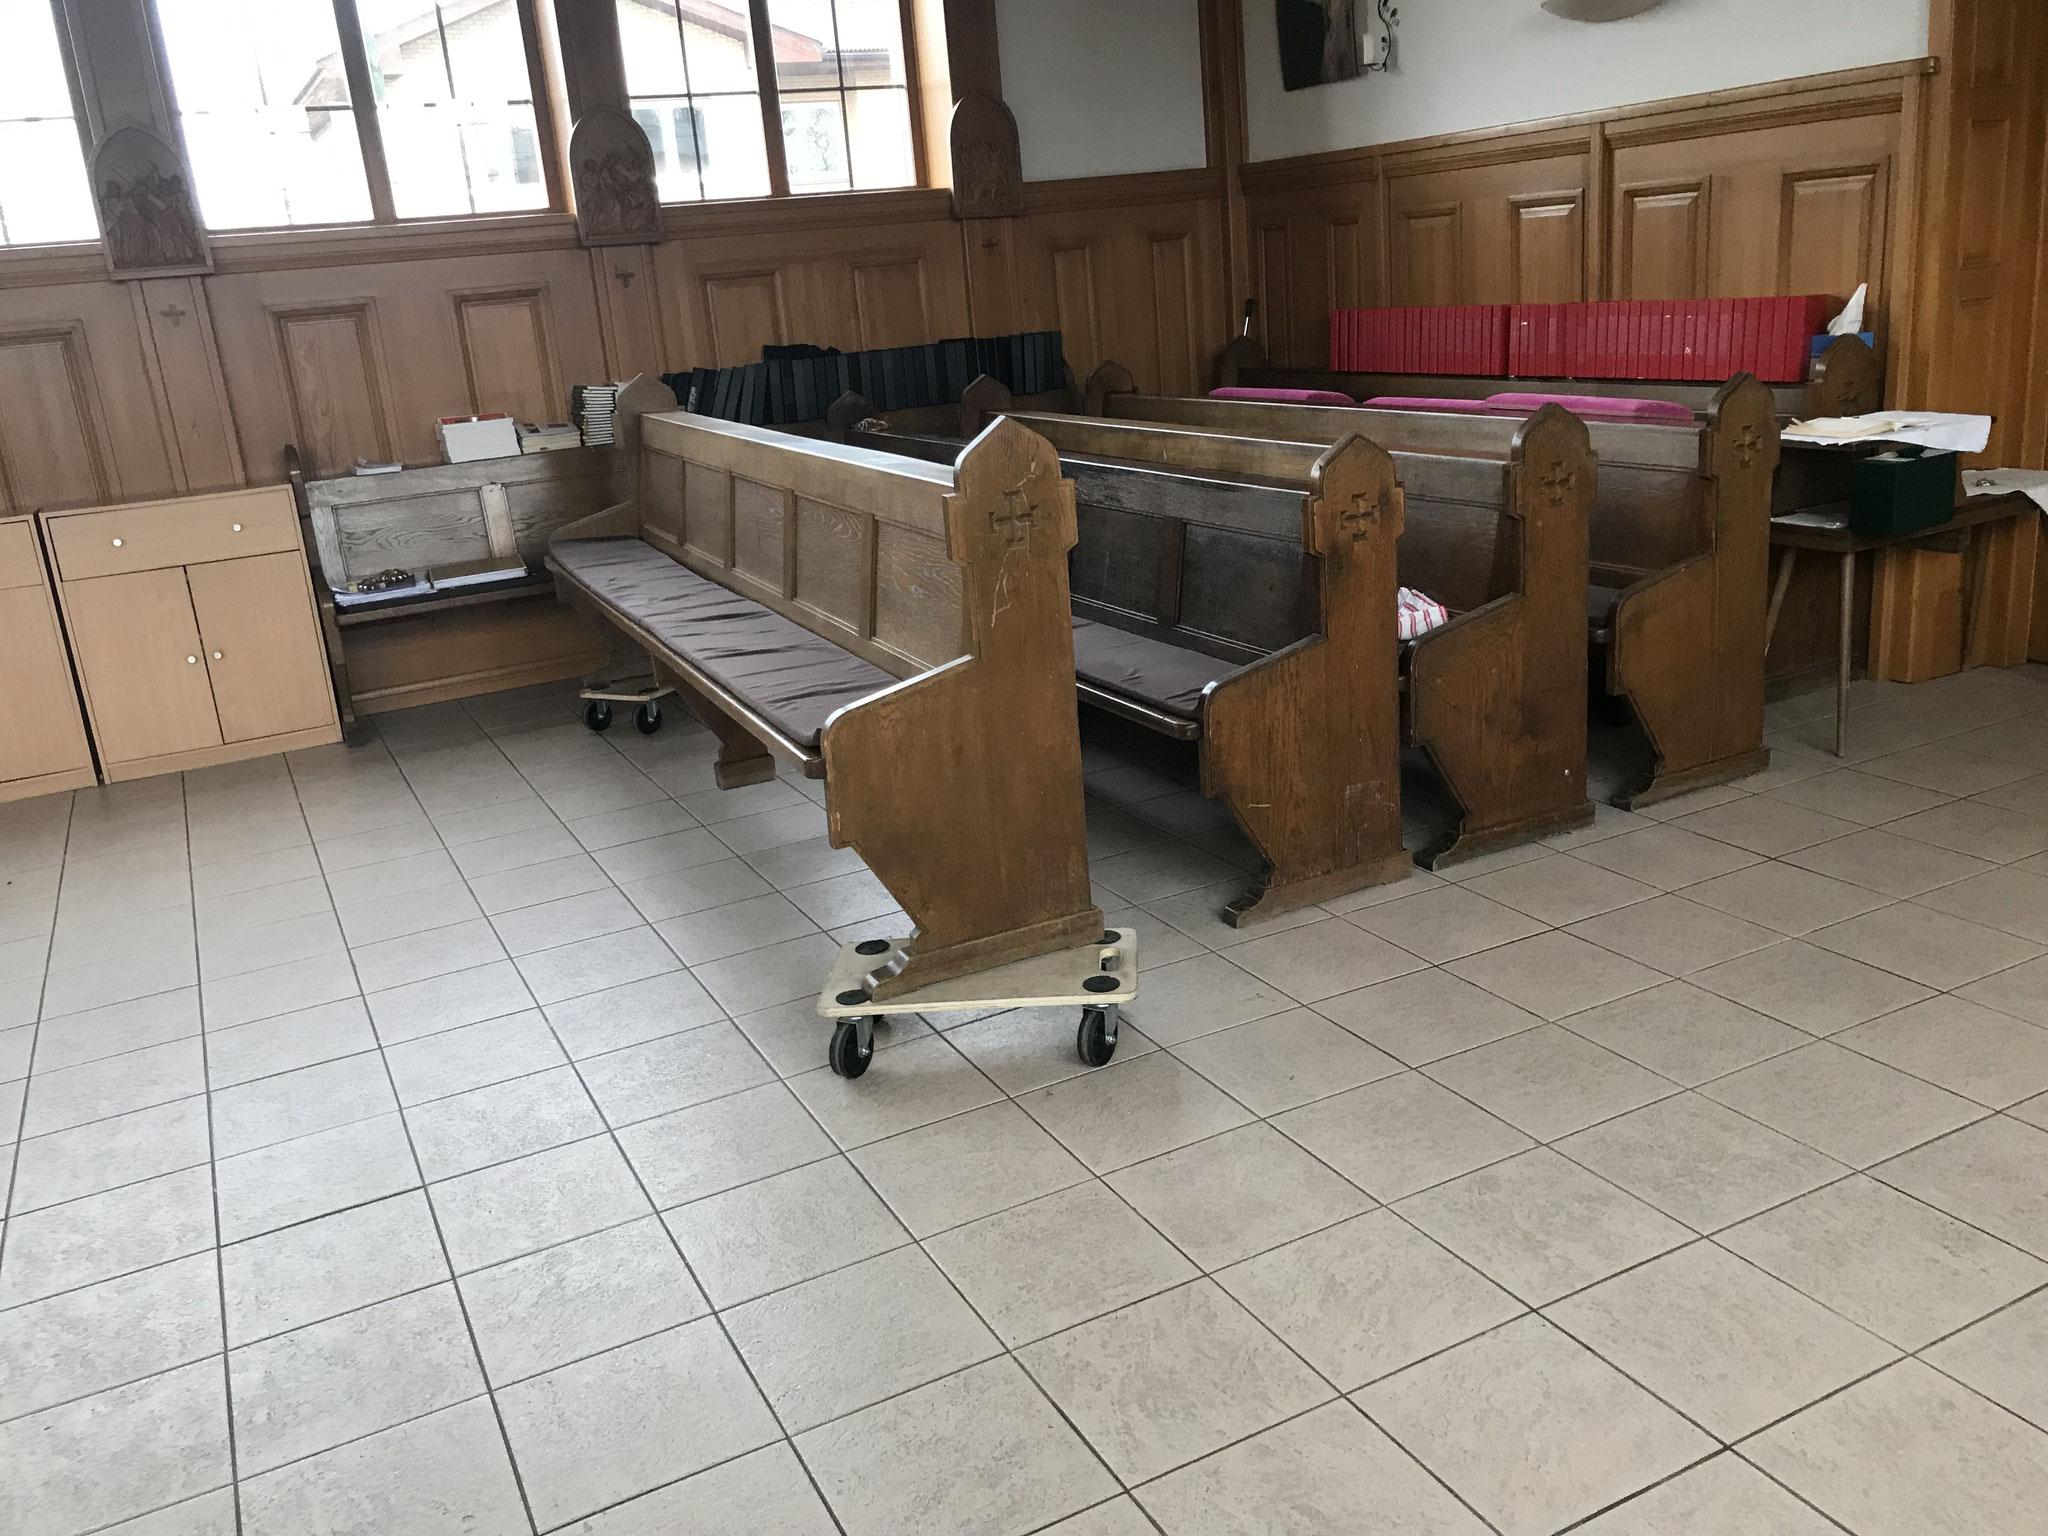 Bänke schieben in der Kapelle